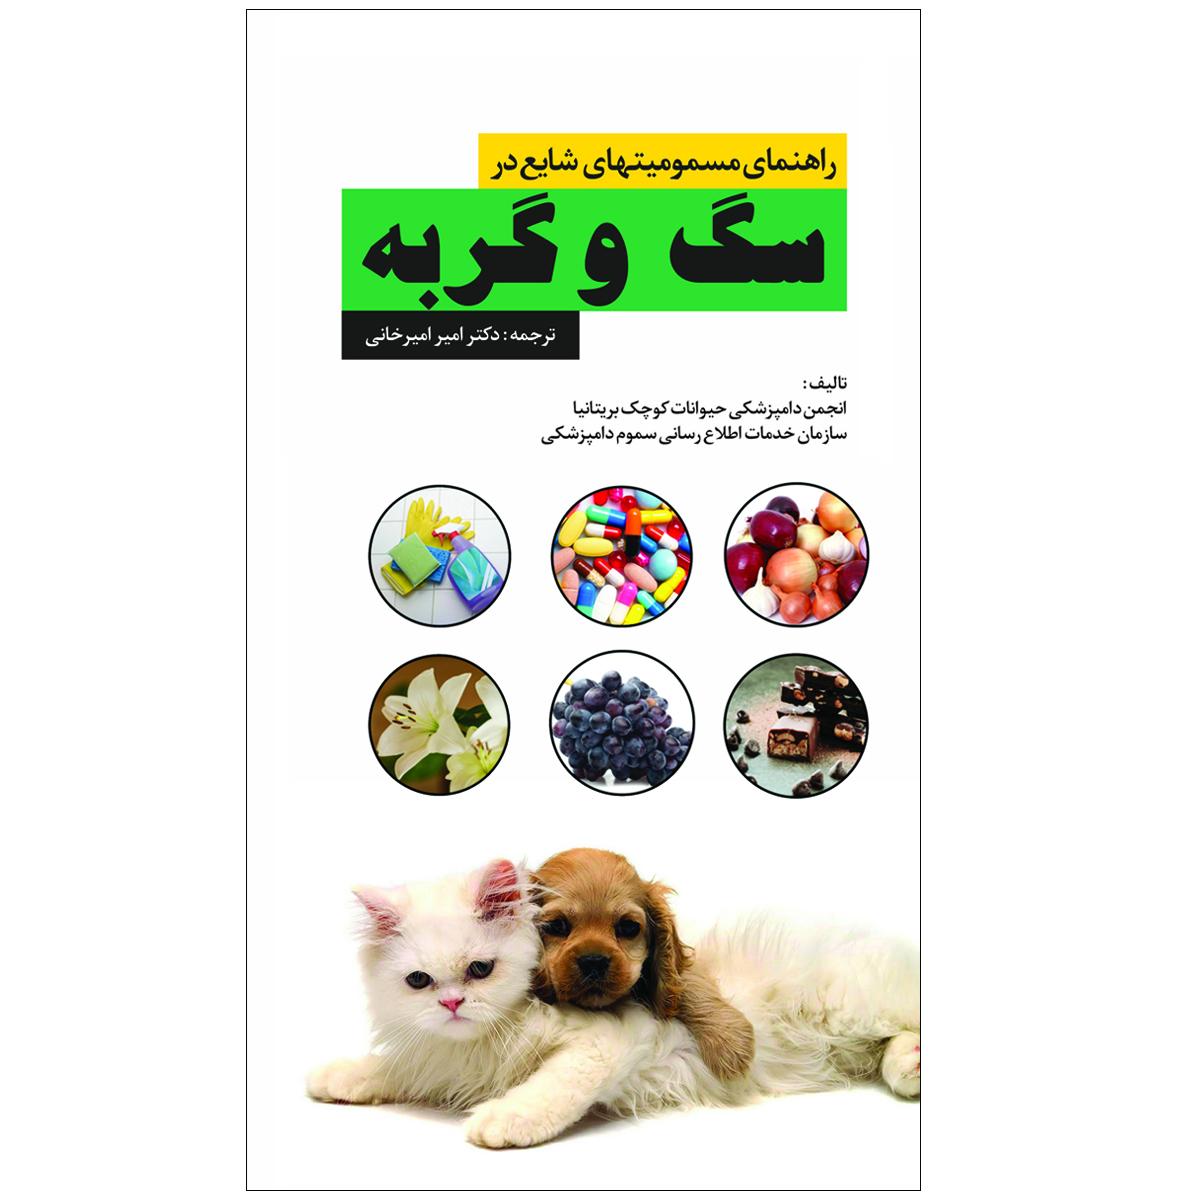 کتاب راهنمای مسمومیتهای شایع در سگ و گربه اثر جمعی از نویسندگان نشر قفسه